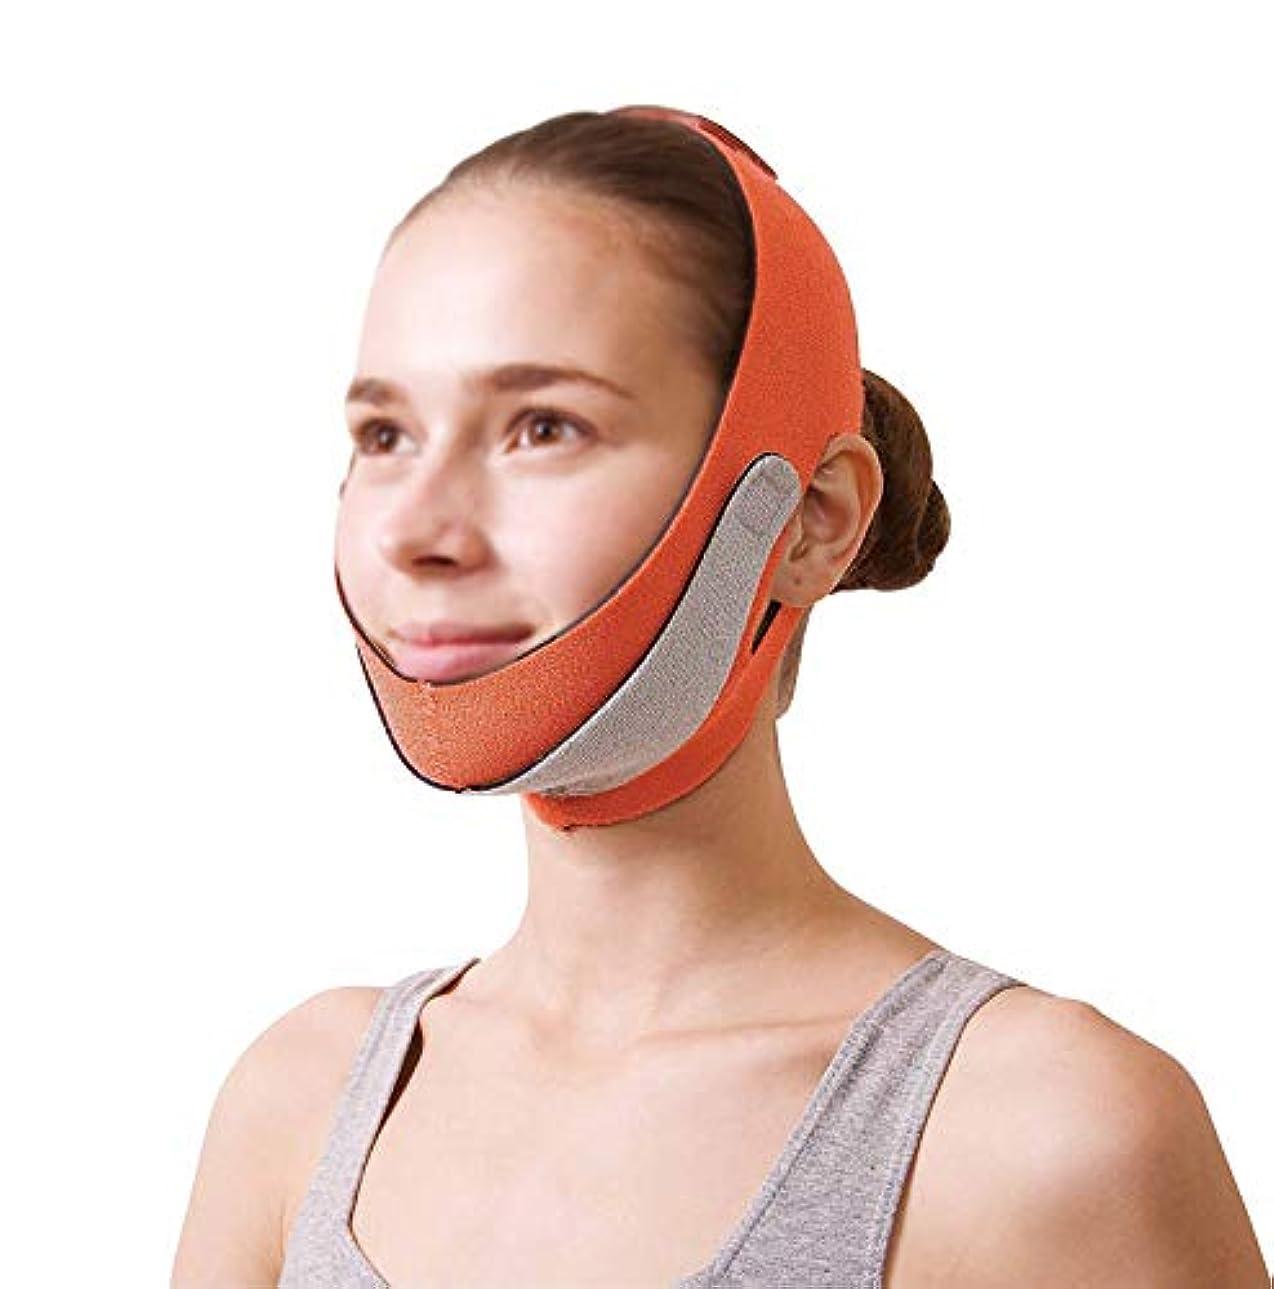 世界注入ブレンドGLJJQMY 薄いフェイスマスクあごストラップ回復パッチ包帯ヘッドマスクフェイシャルマスクフェイシャルマスクアーティファクト美容フェイシャルとネックリフトオレンジマスク 顔用整形マスク